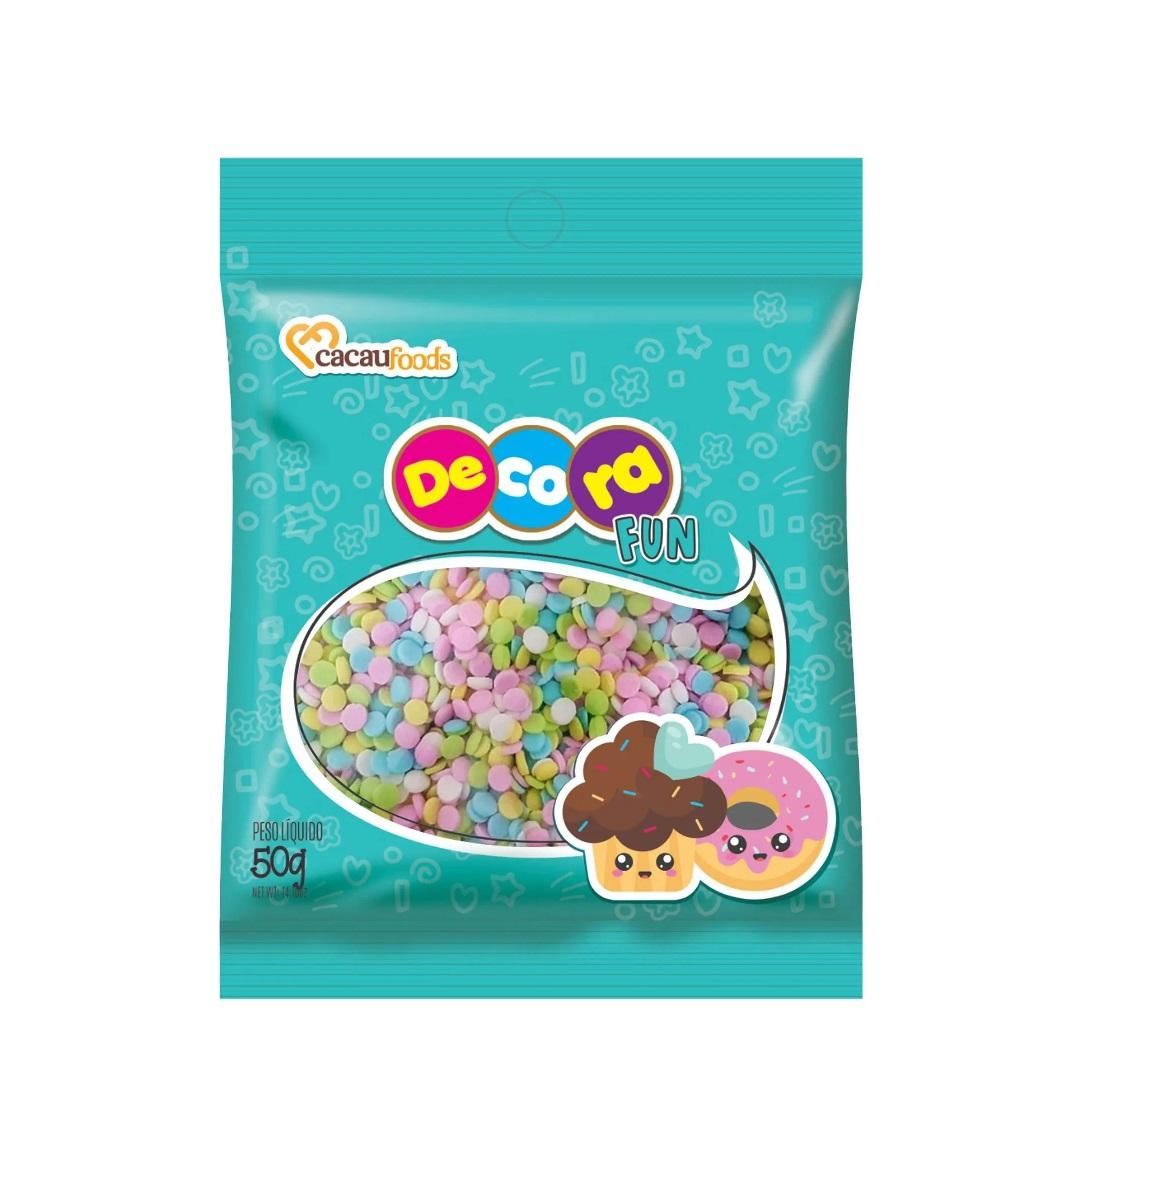 Confeito Ball  Candy 50g Decora Fun